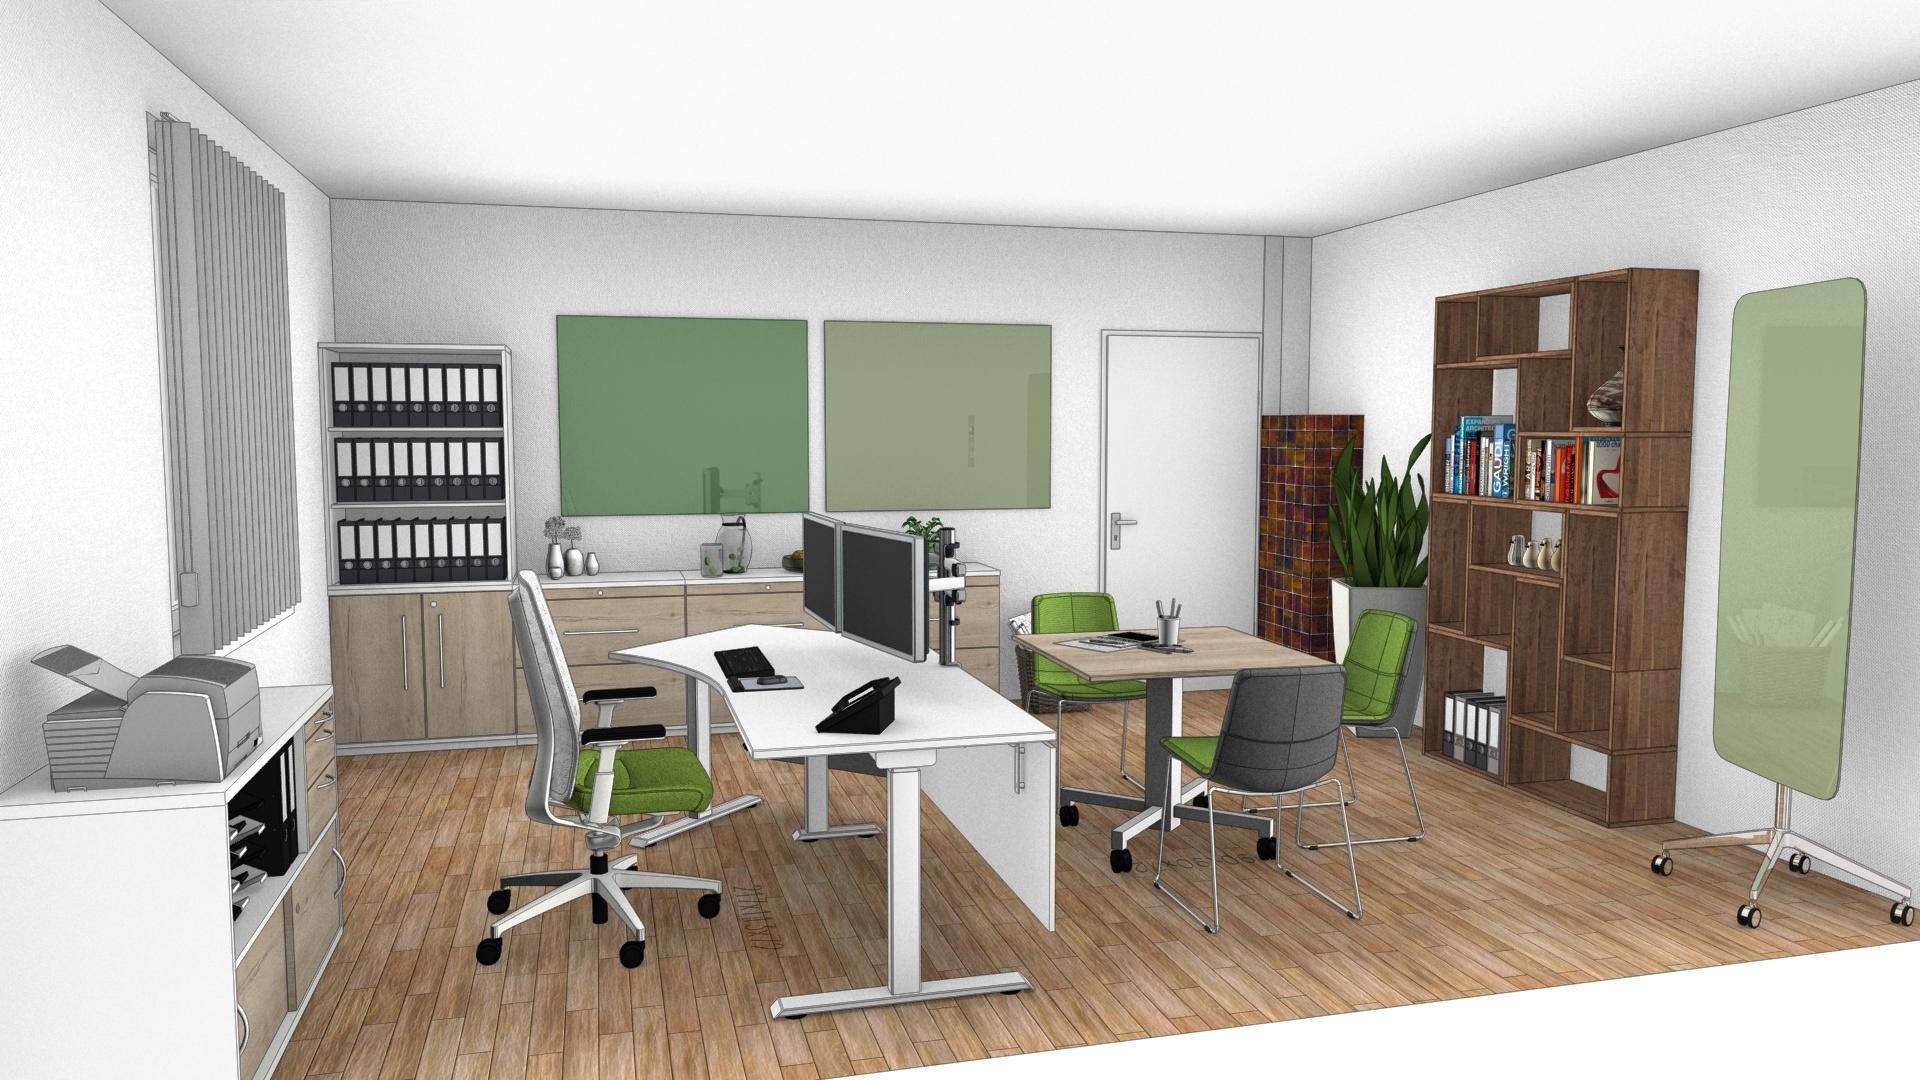 Einzelbüro Altbau Umbau